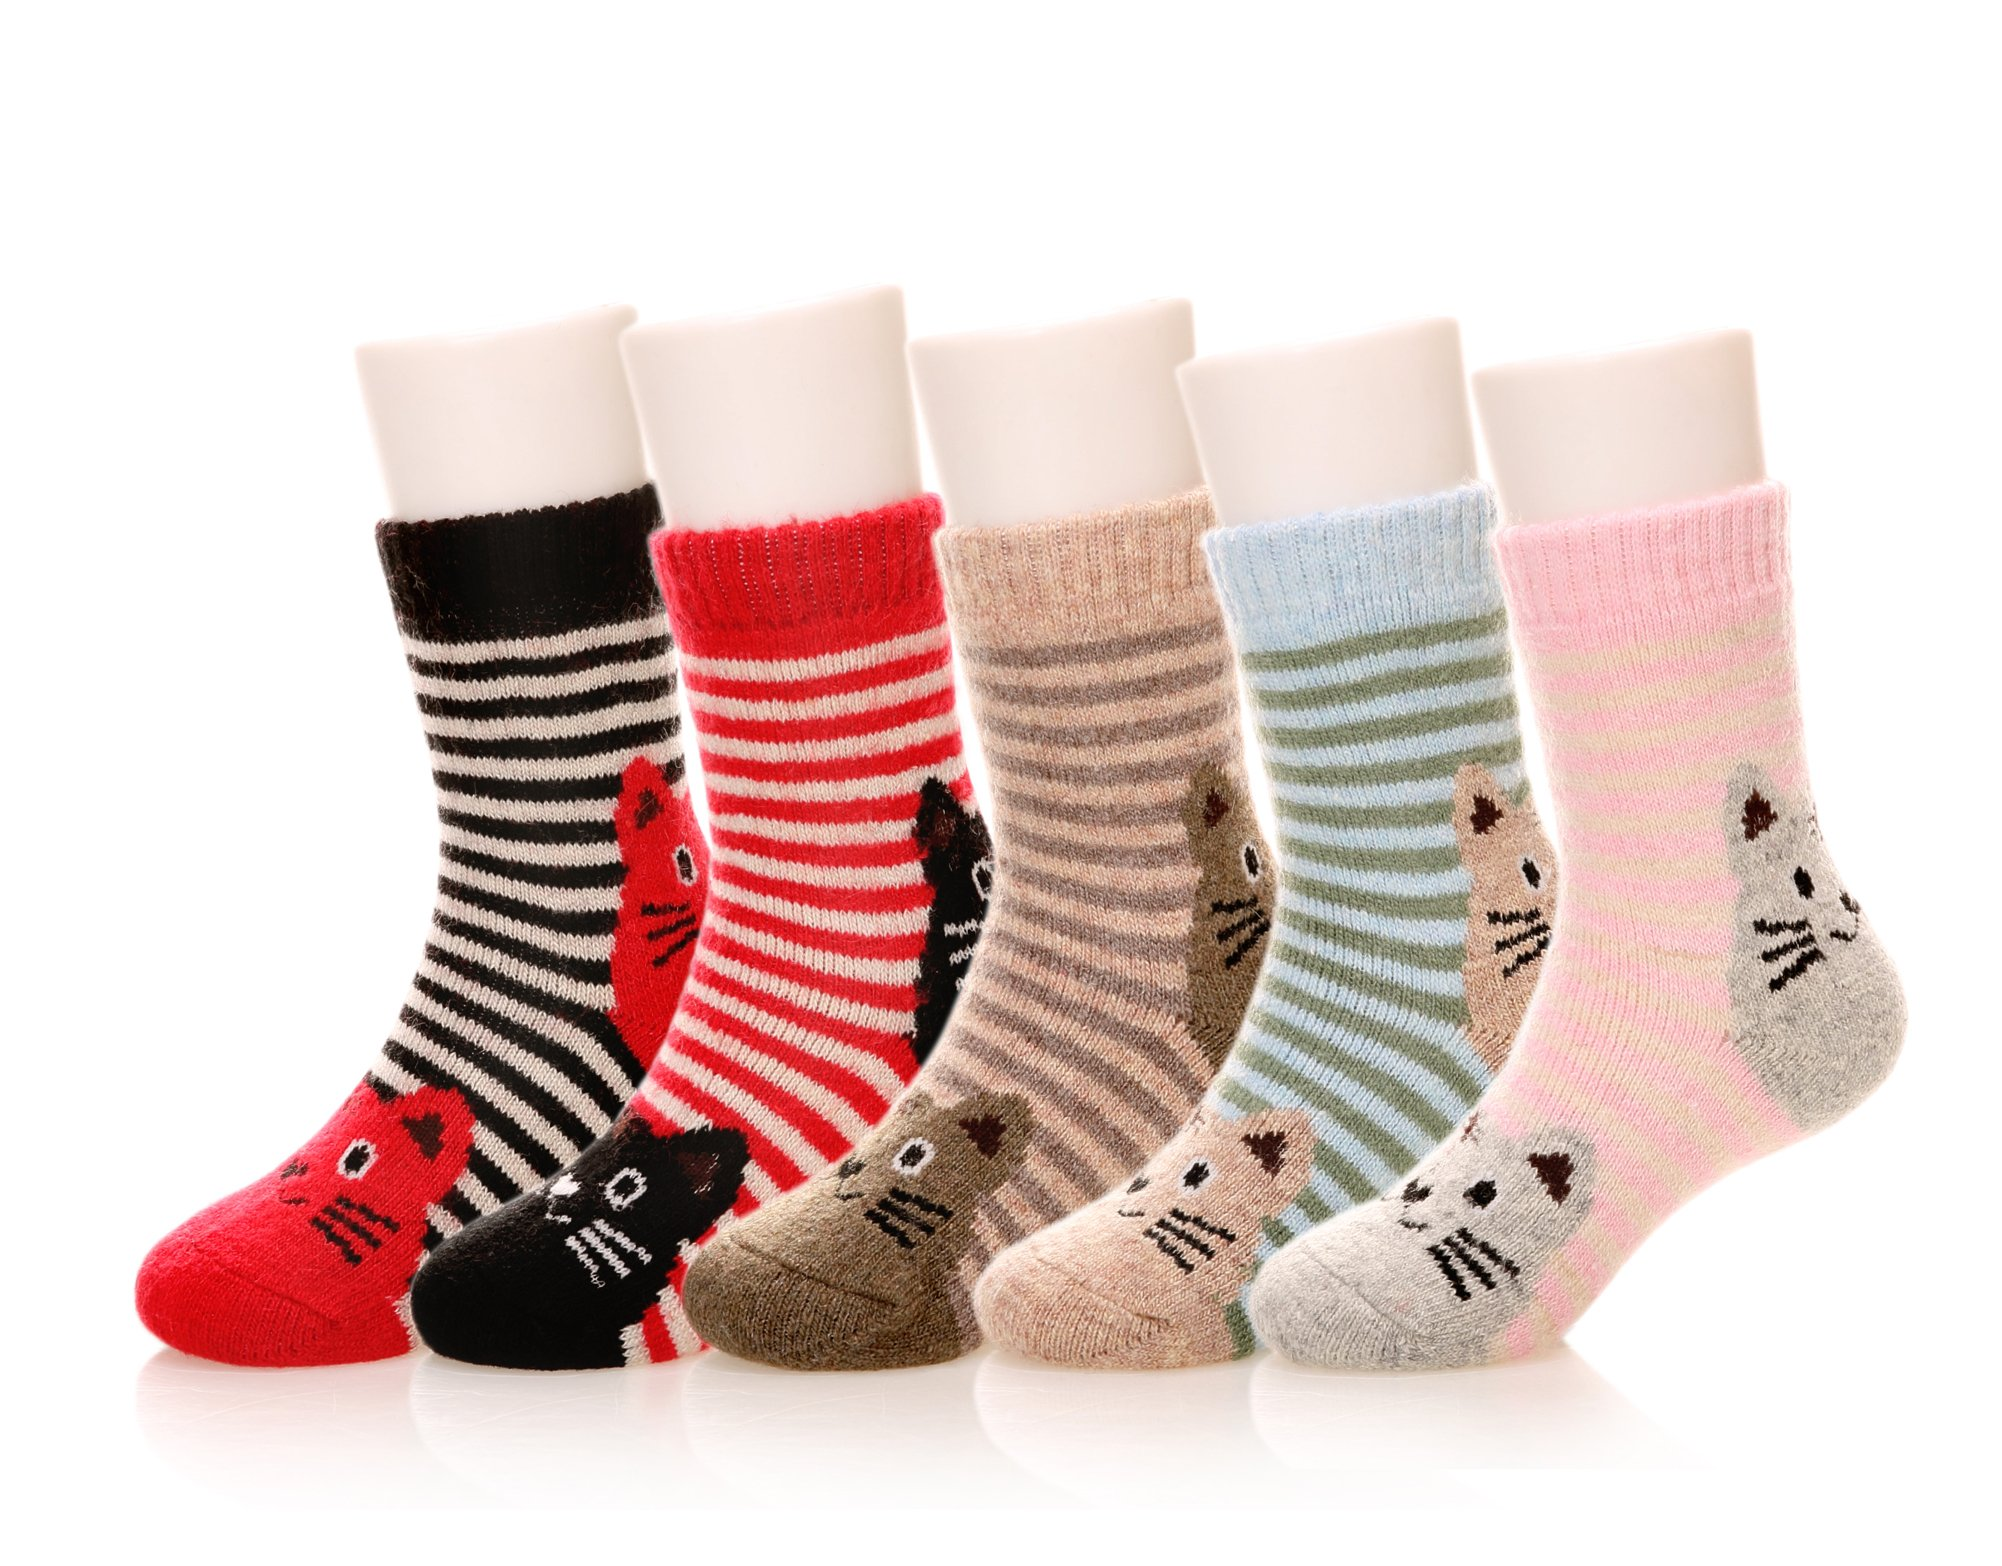 Eocom 5 Pairs Children's Winter Warm Wool Animal Crew Socks Kids Boys Girls Socks(4-7 Years,Cat)